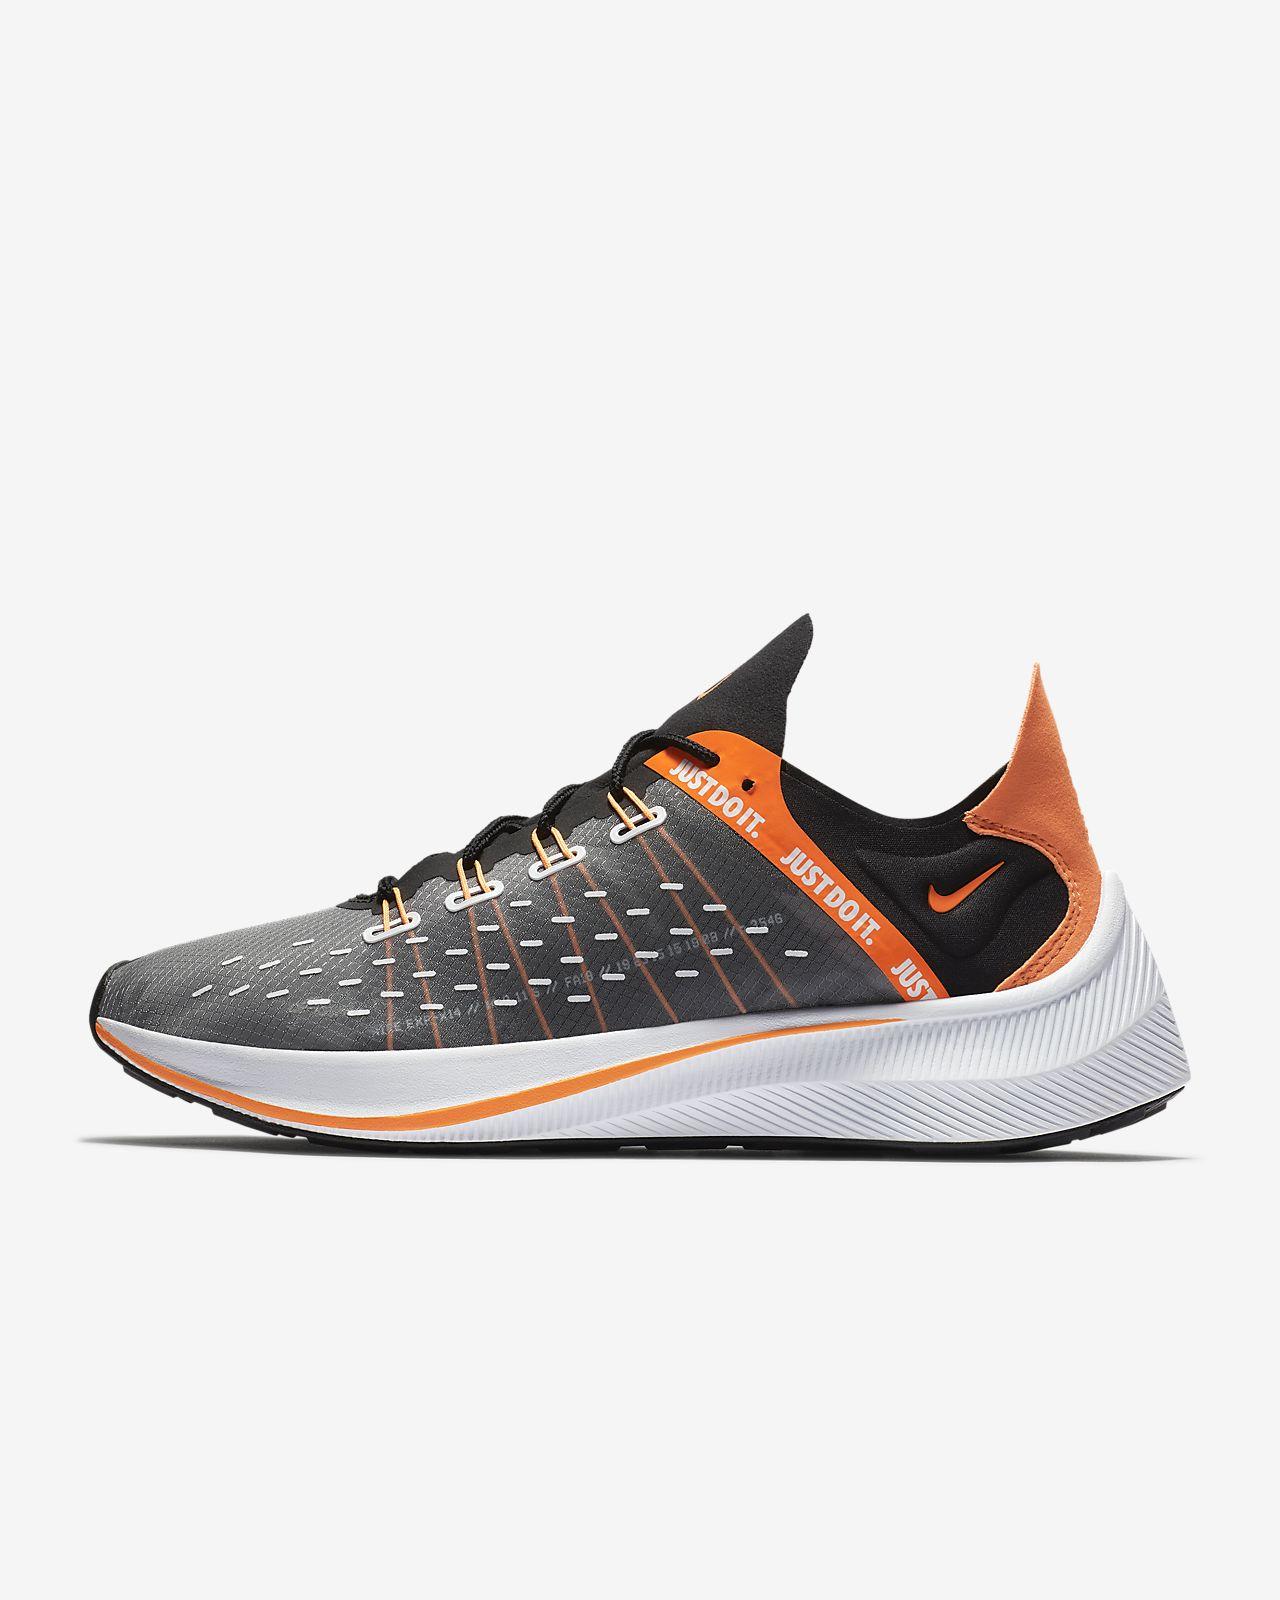 promo code 9a5c7 b43af ... Blanche Noir Pas Cher. Chaussure Nike EXP,X14 SE pour Homme ...